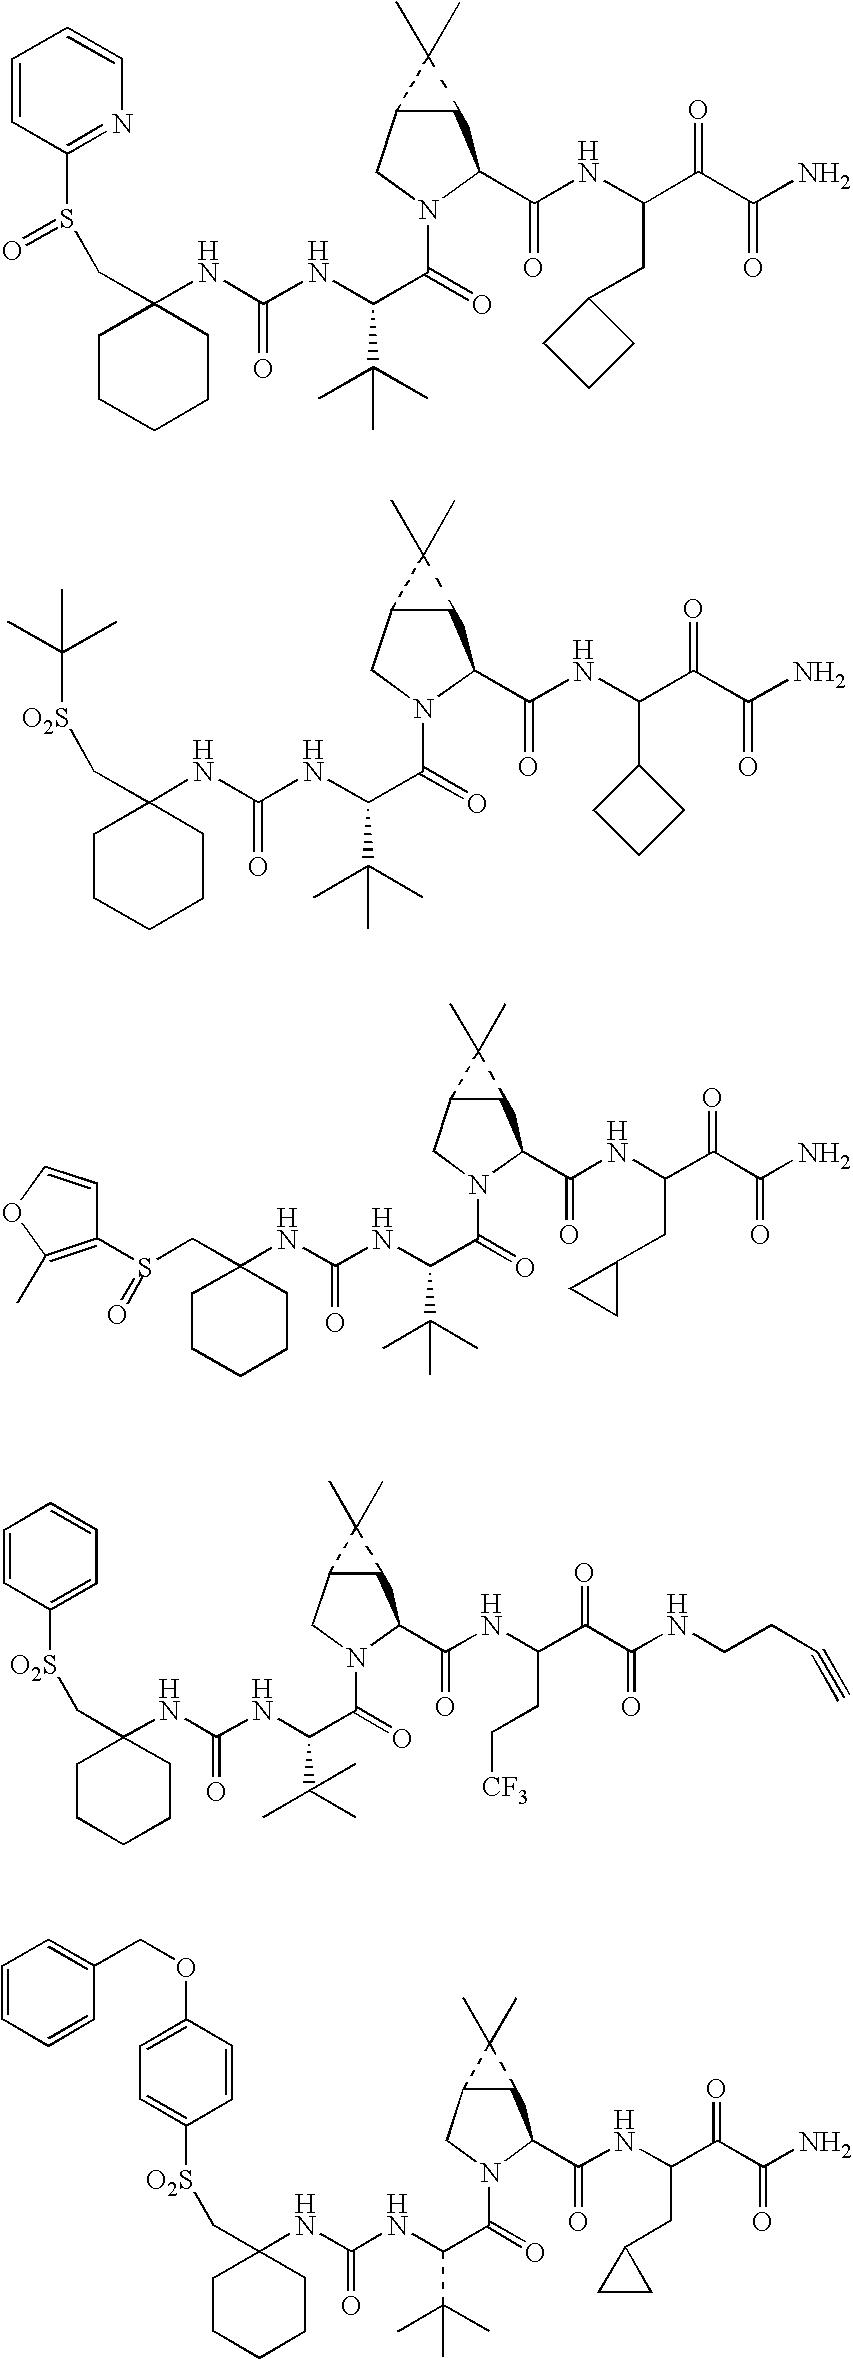 Figure US20060287248A1-20061221-C00444